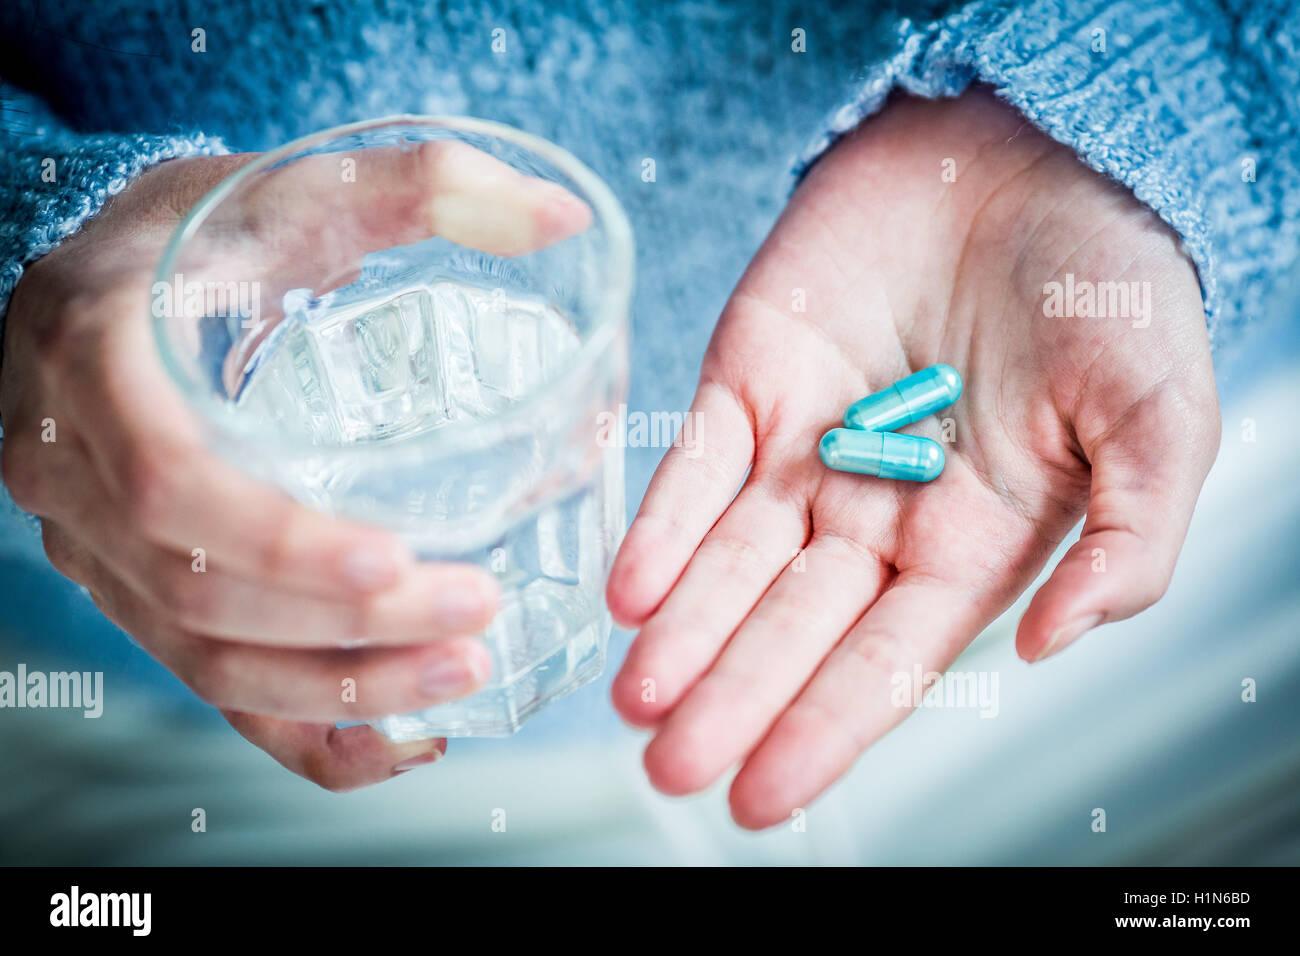 Einnahme von Medizin. Stockbild